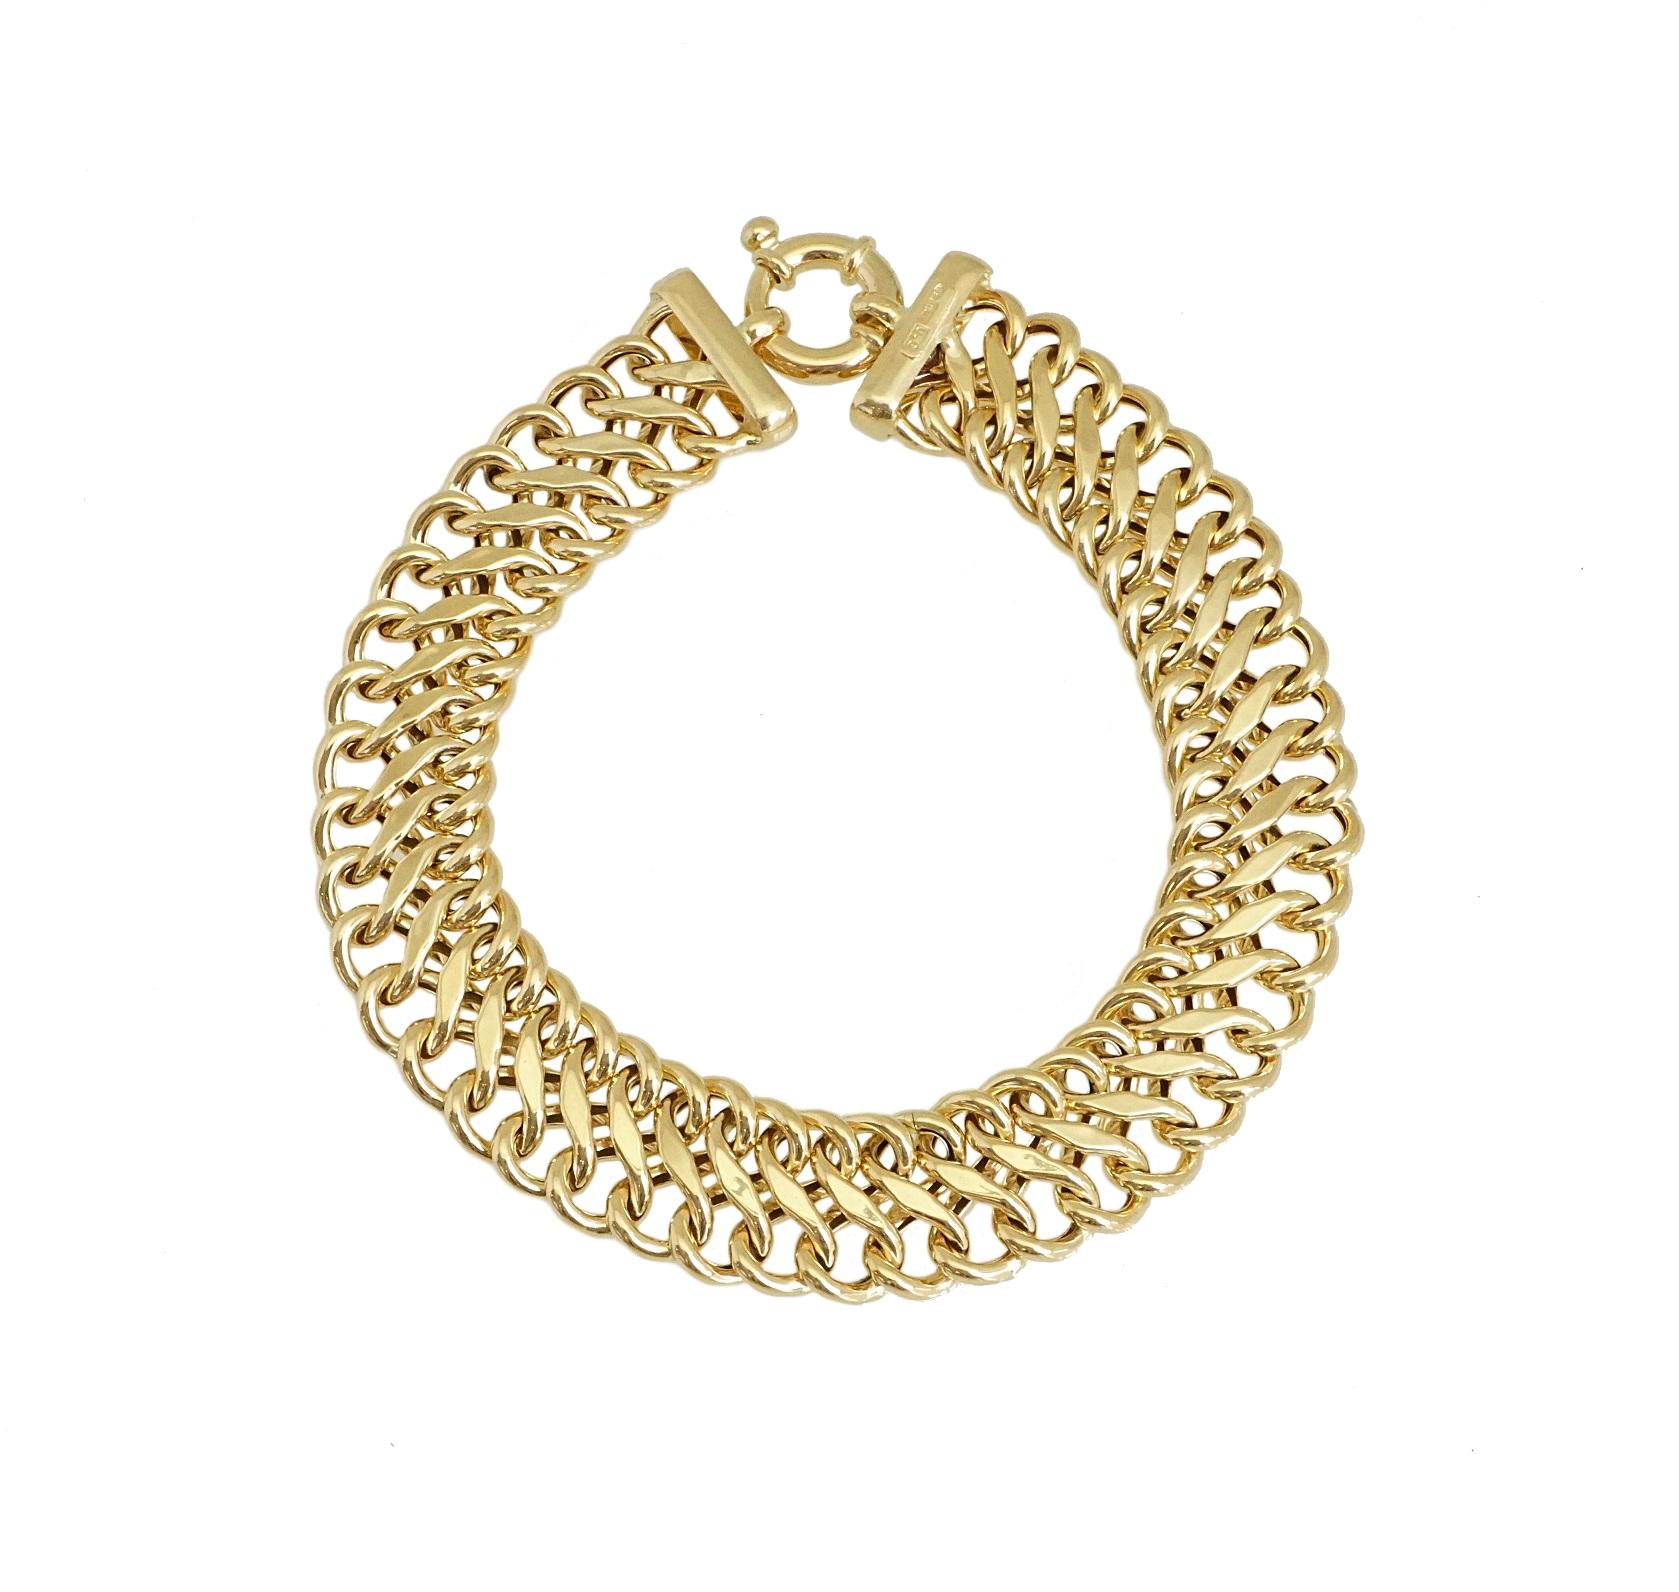 צמיד זהב חוליות לאישה צמיד מיוחד רחב